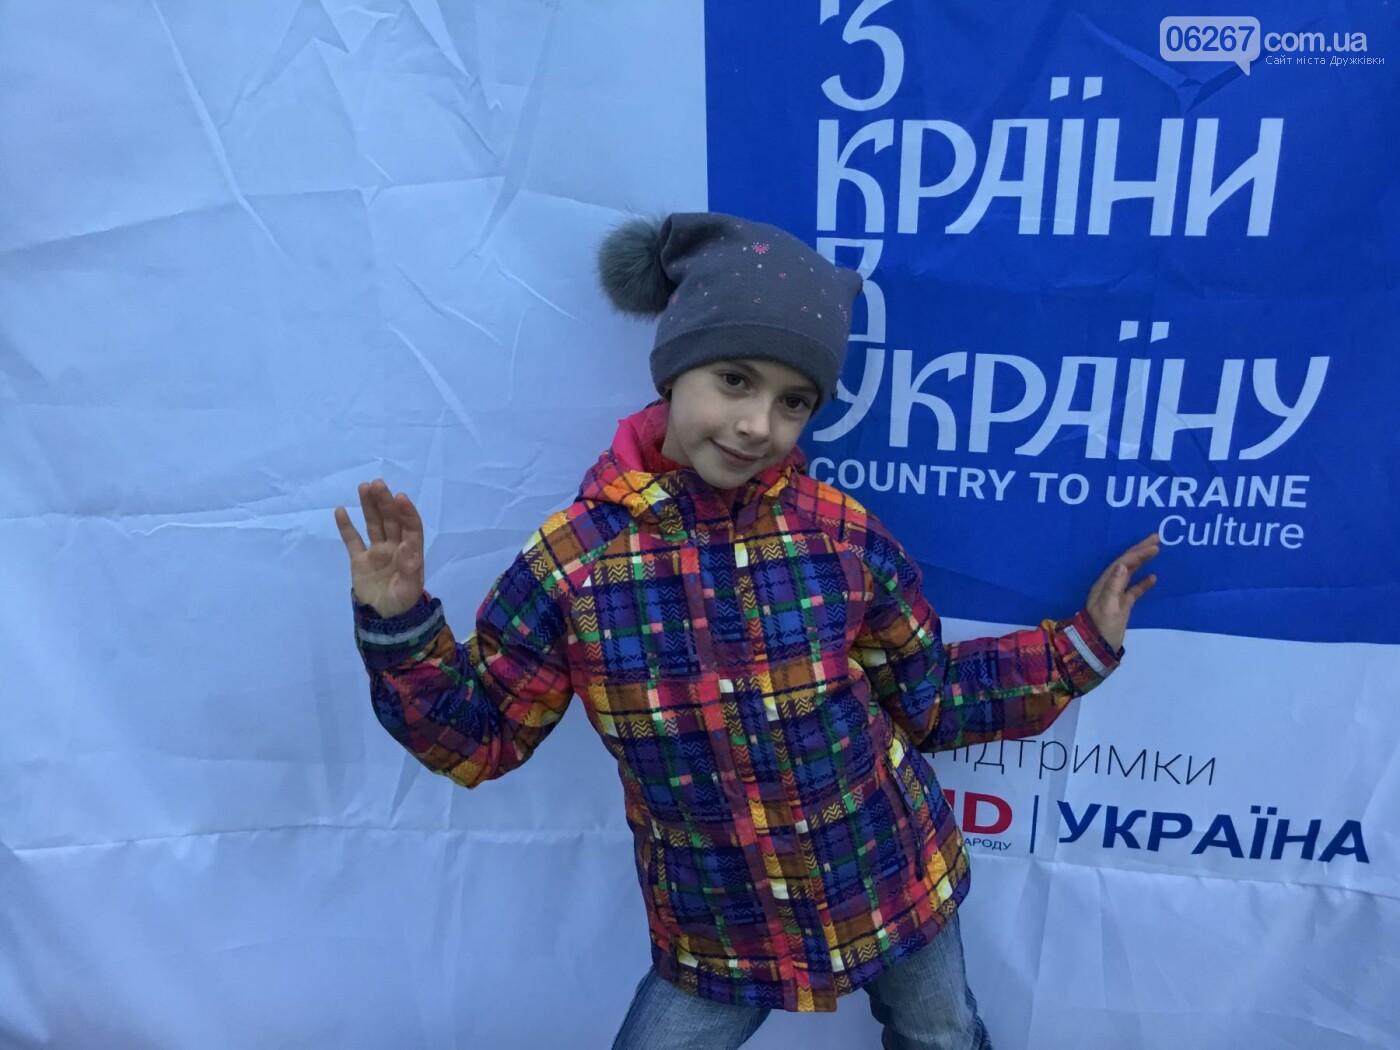 Как прошёл в Дружковке фестиваль «З країни в Україну» (ФОТО, ВИДЕО), фото-4